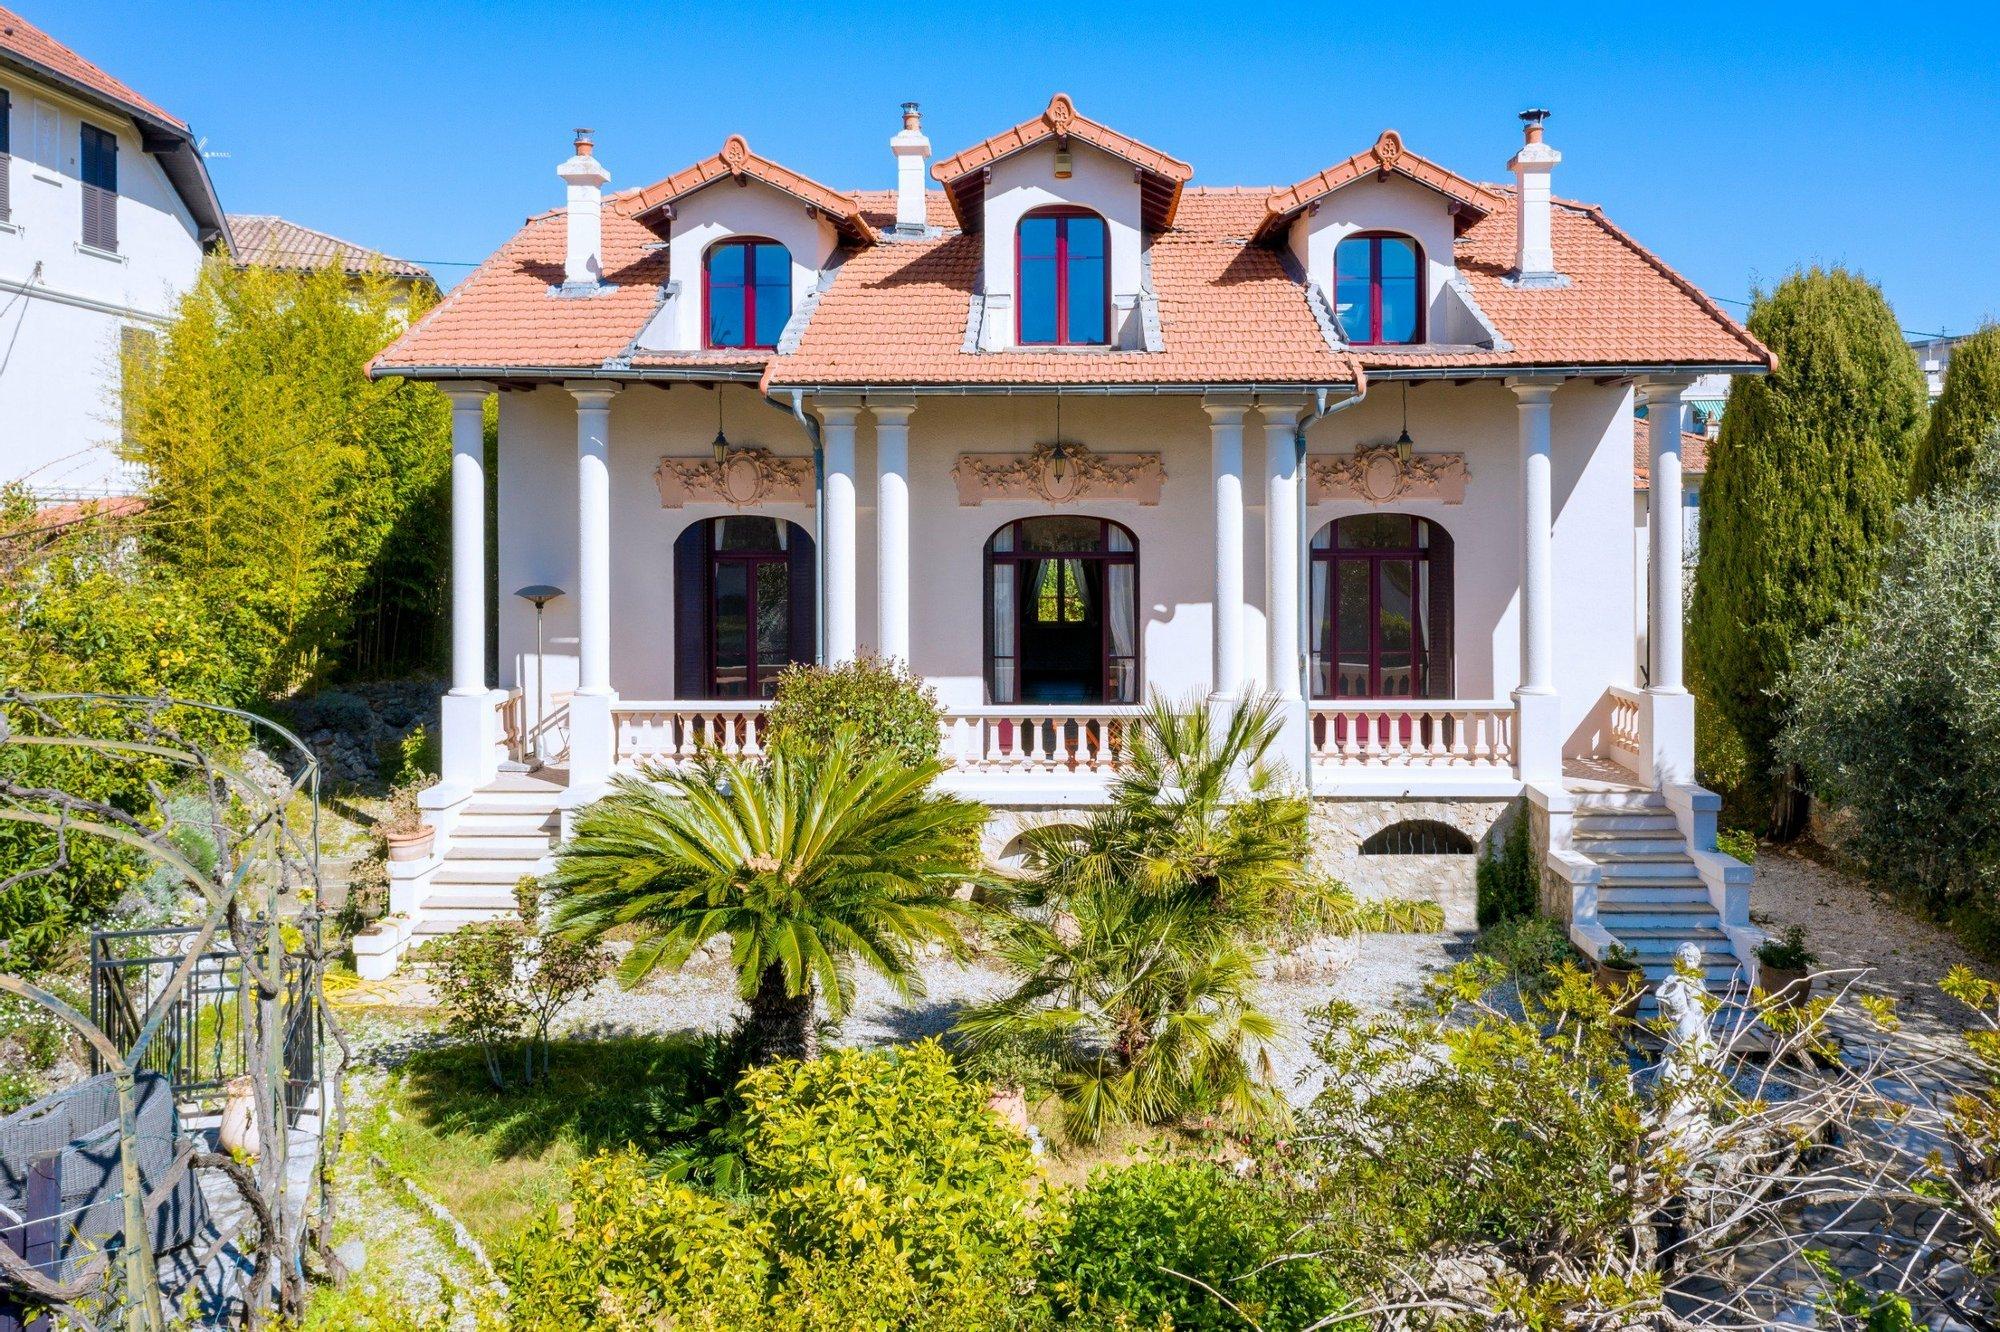 Casa a Cannes, Provenza-Alpi-Costa Azzurra, Francia 1 - 11404089